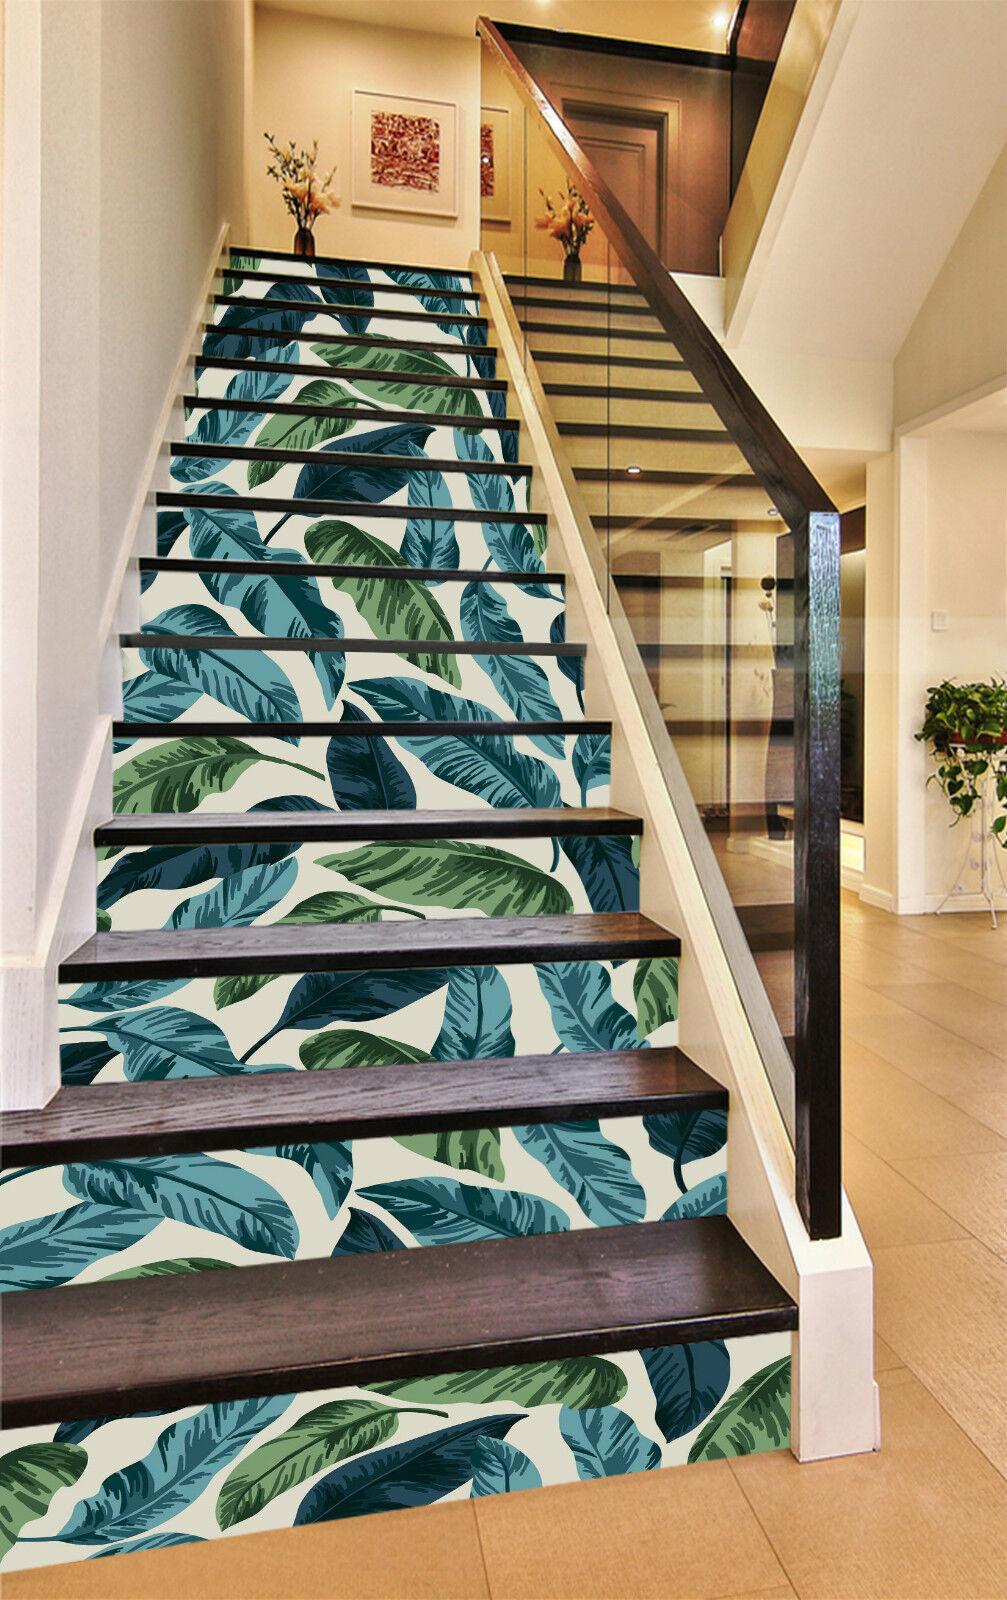 3D green Blatt 975 Stair Risers Dekoration Fototapete Vinyl Aufkleber Tapete DE